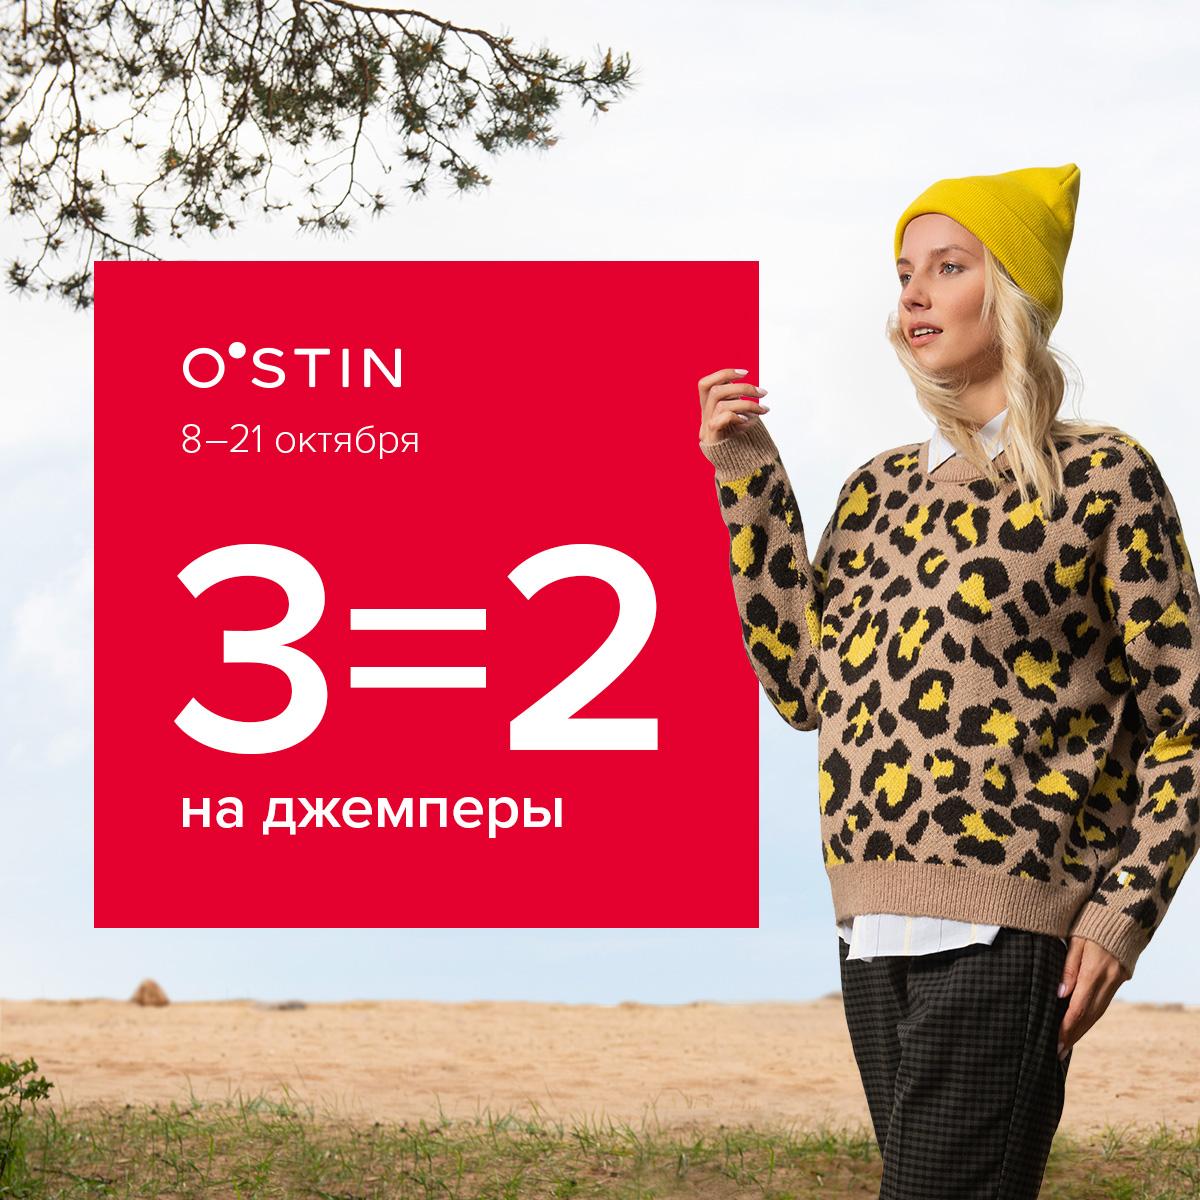 3=2! Осень в O`STIN на джемперы